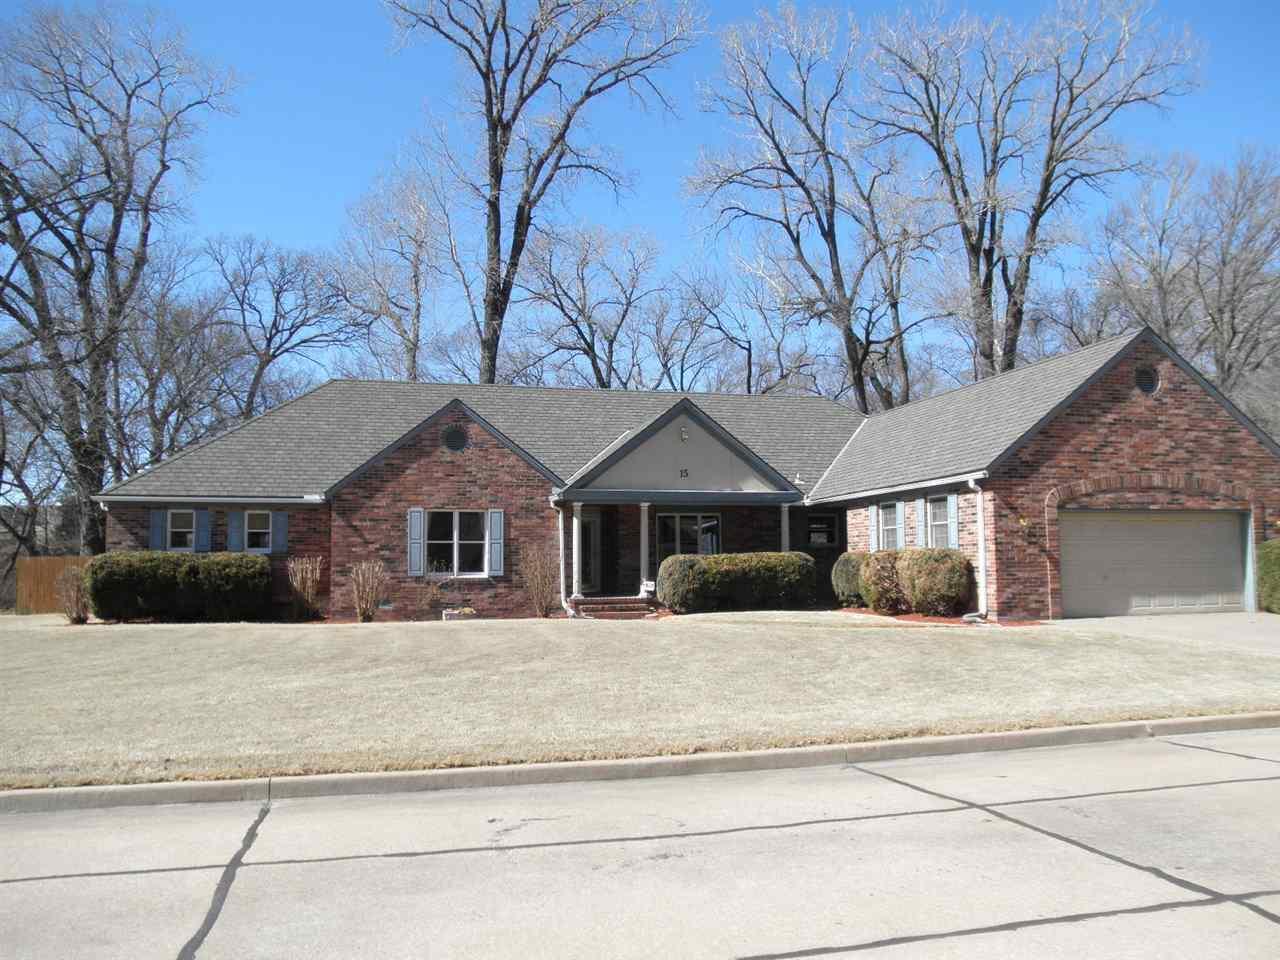 Sold Cross Sale W/ MLS | 15 Sherman Lane Ponca City, OK 74604 0